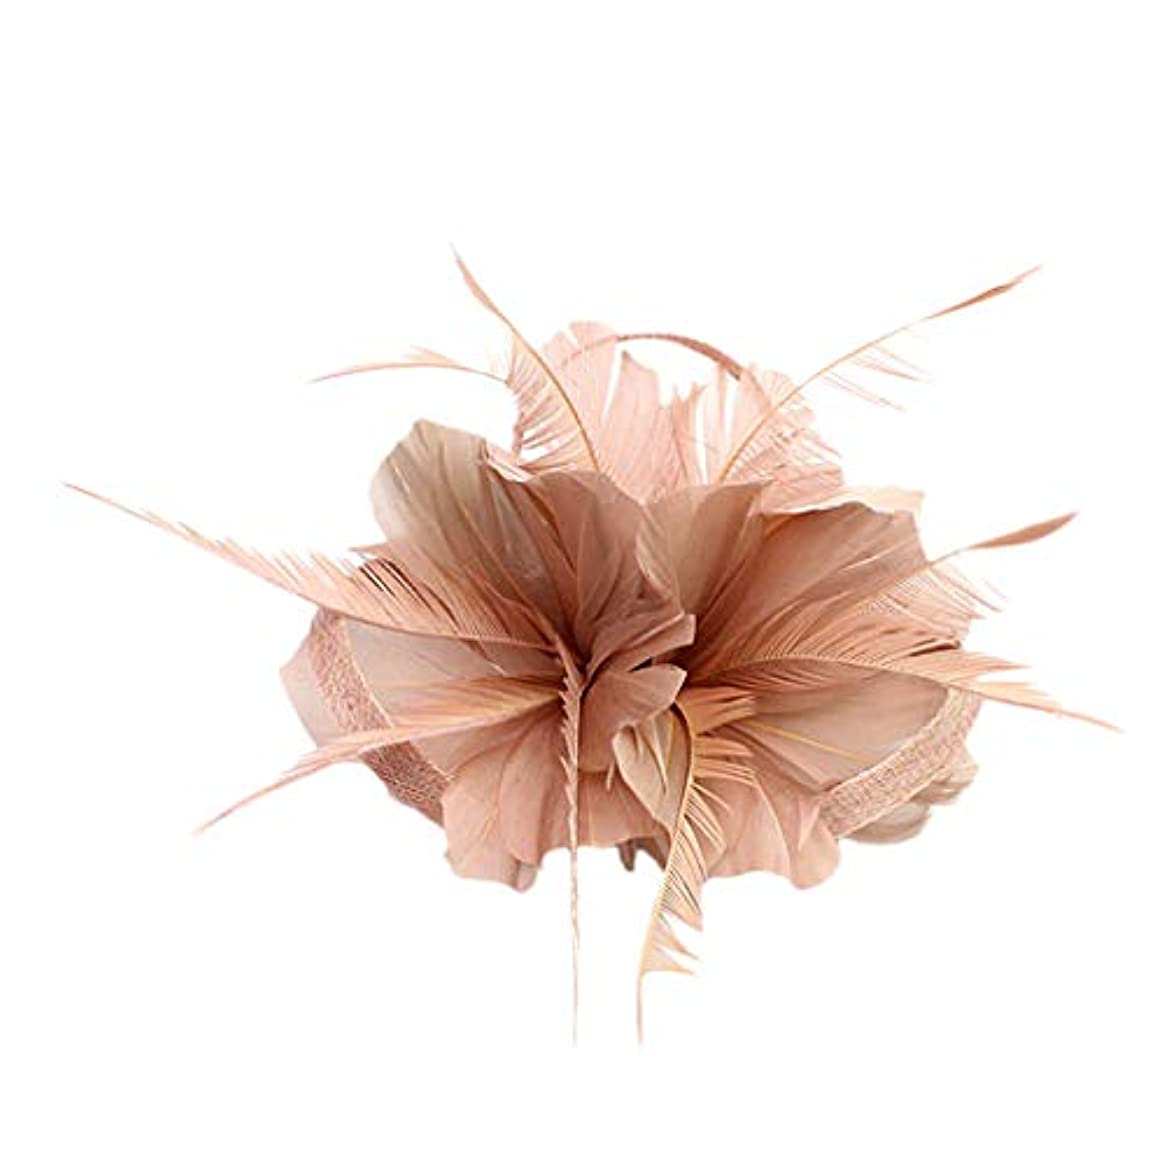 タイヤバンドル植物学者Lieteuy多色展開 レディース ヘアアクセサリー 綺麗 舞台 カーニバル 結婚式 ヘア飾りグッズ コーディネート カチューシャ パーティー 頭飾り 髪飾りグッズ 人気 カチューム